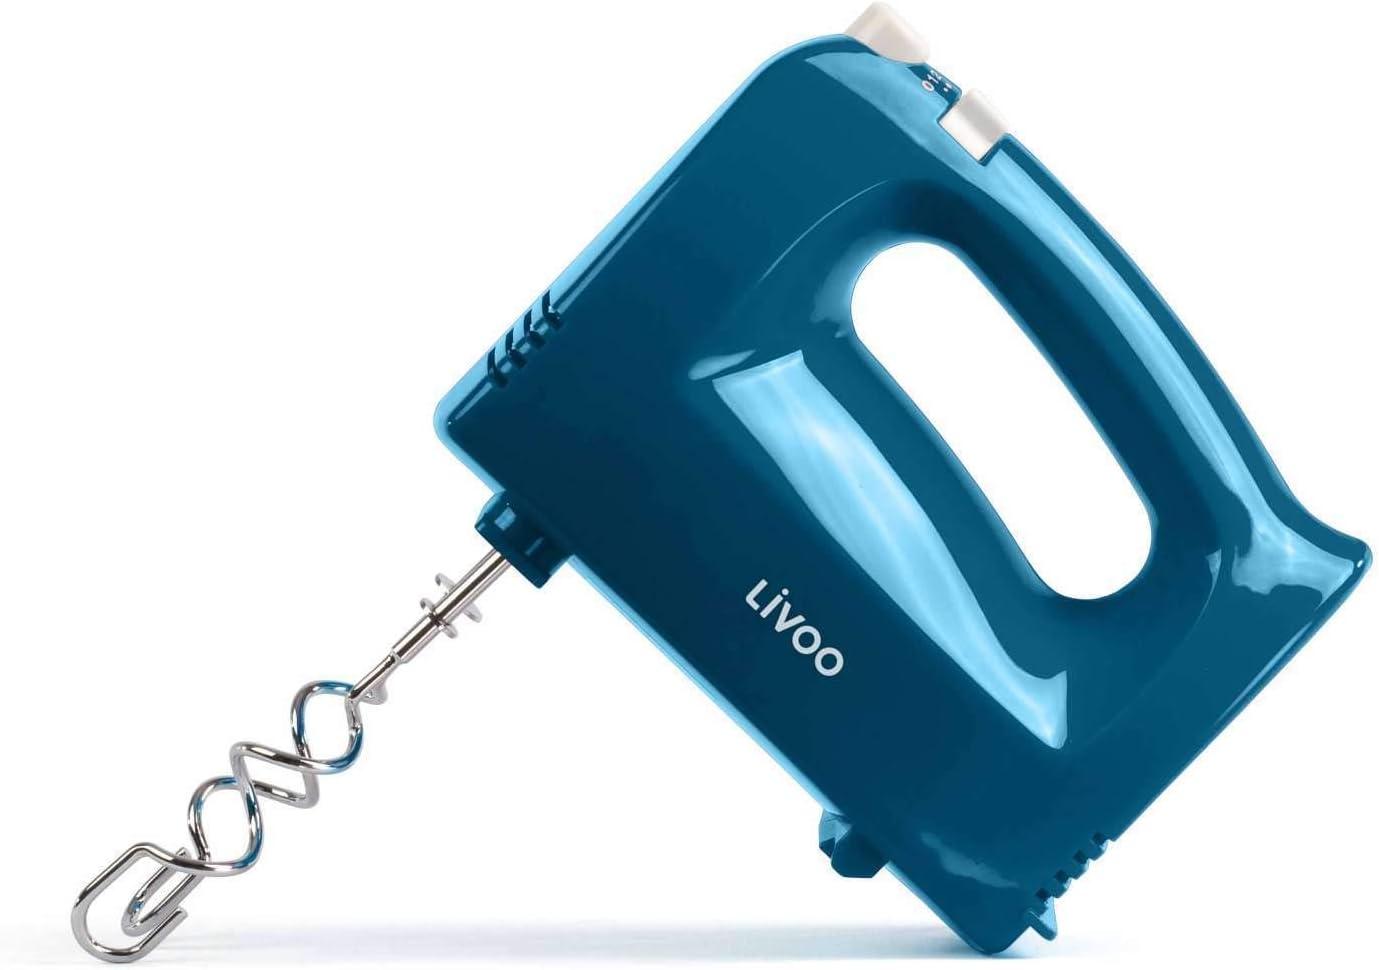 gancio impastatore, frusta da 200 Watt, pulsante di espulsione, frullatore, mescolatore, blu Frusta da cucina a 5 livelli per mescolare manualmente